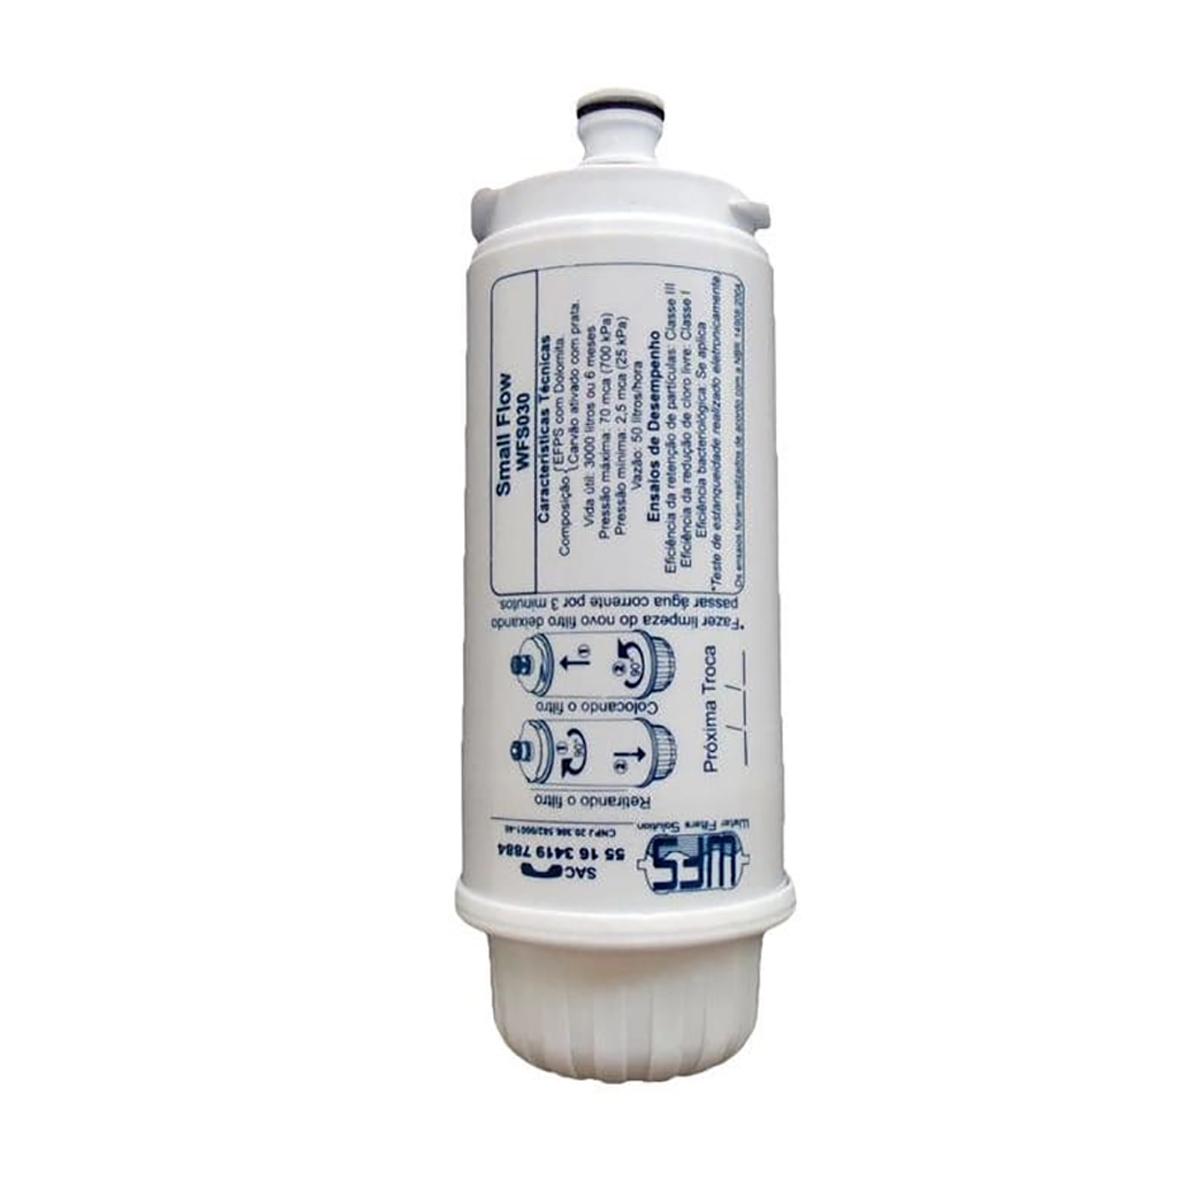 Refil Wfs 030 Small Flow - Filtro Ibbl Avanti E Mio